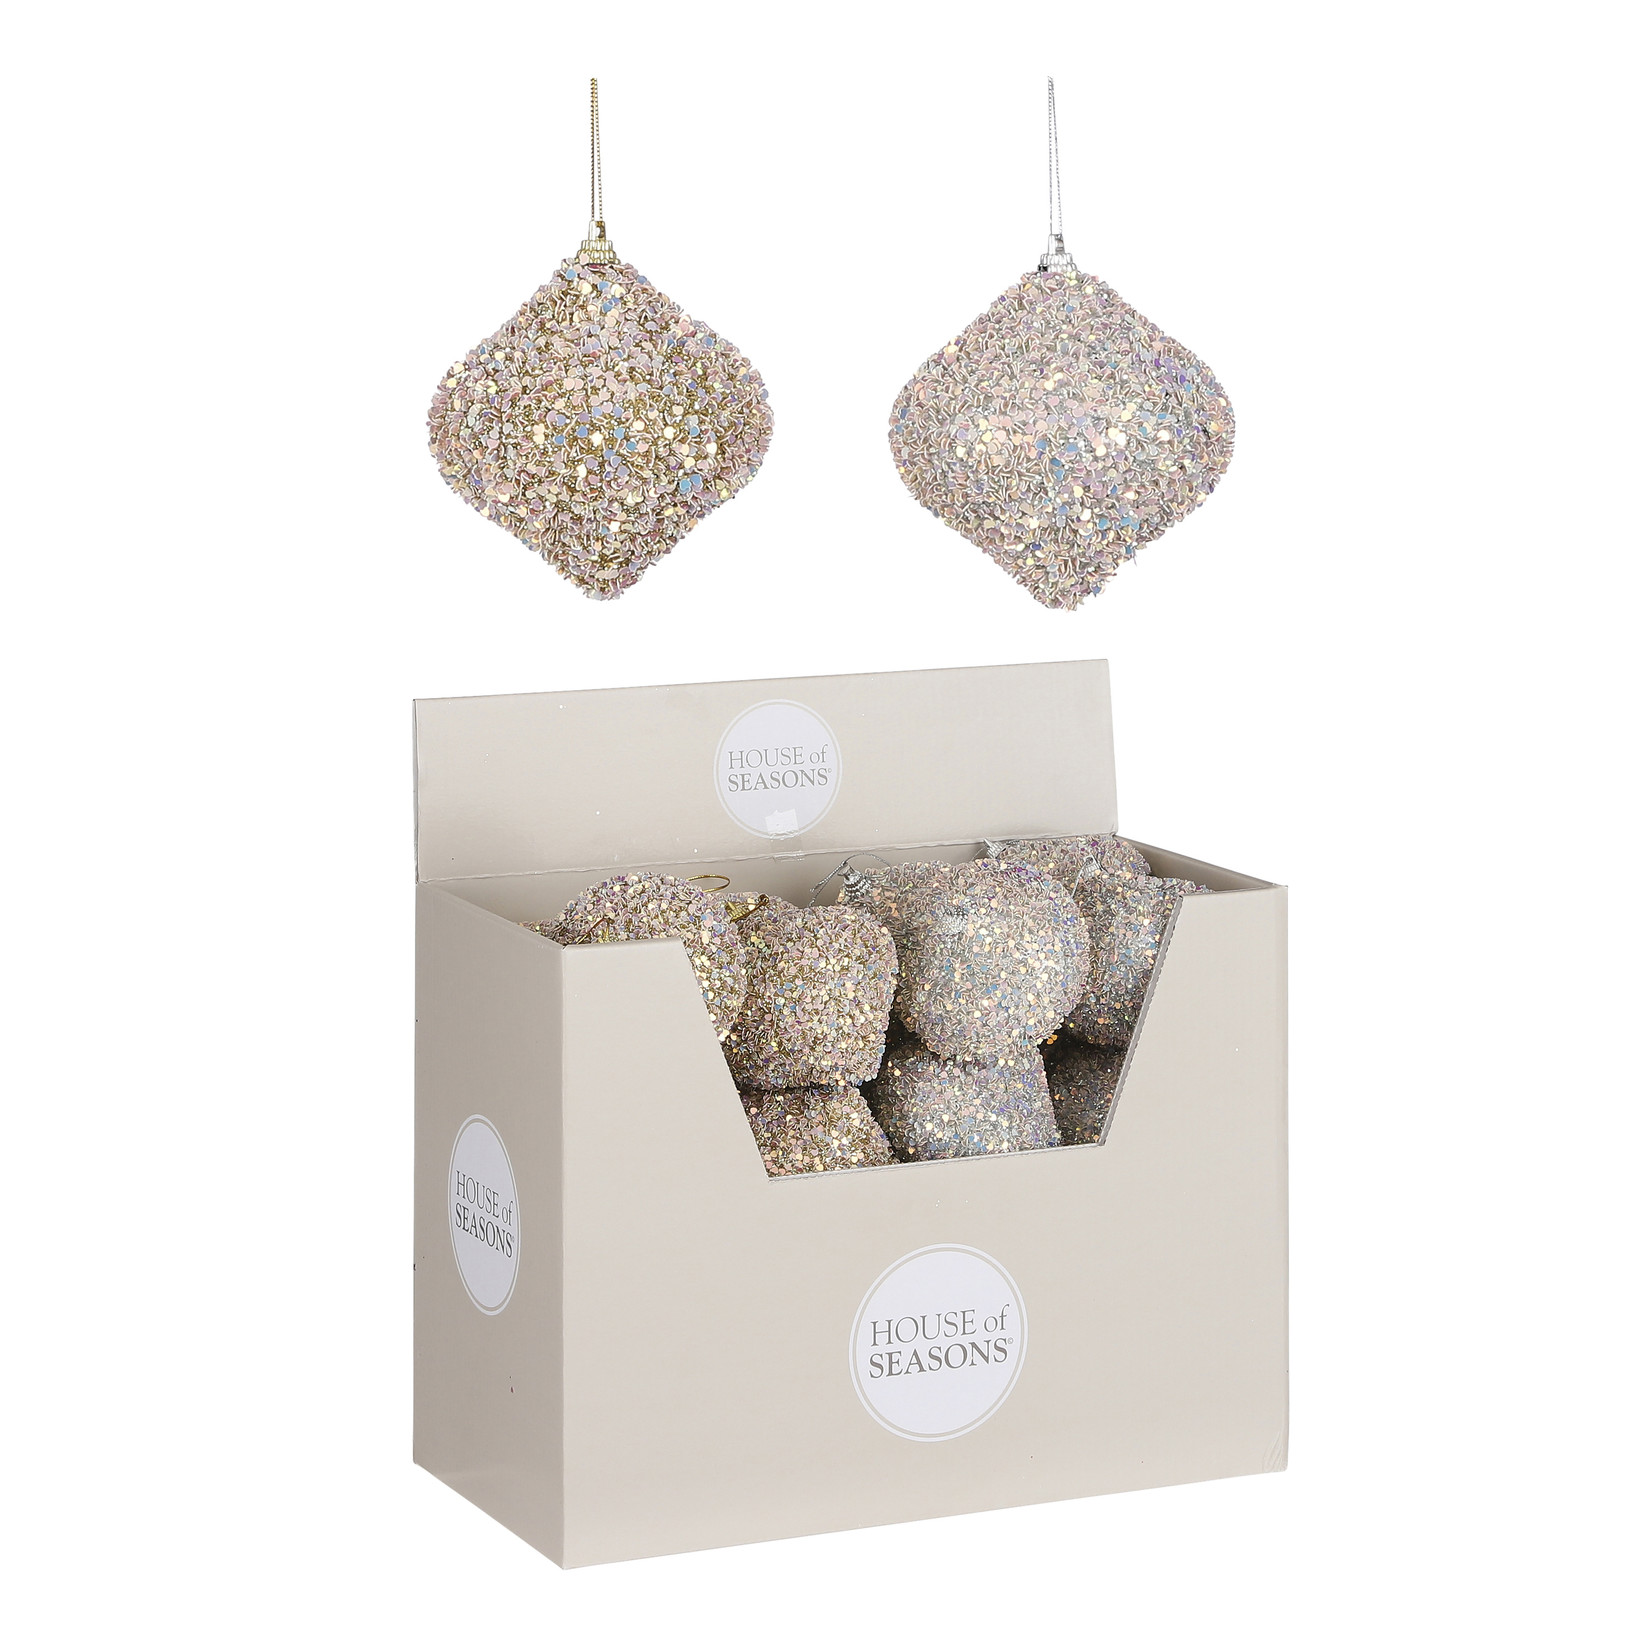 House of Seasons Ornament ui zilver goud 2 assorti display